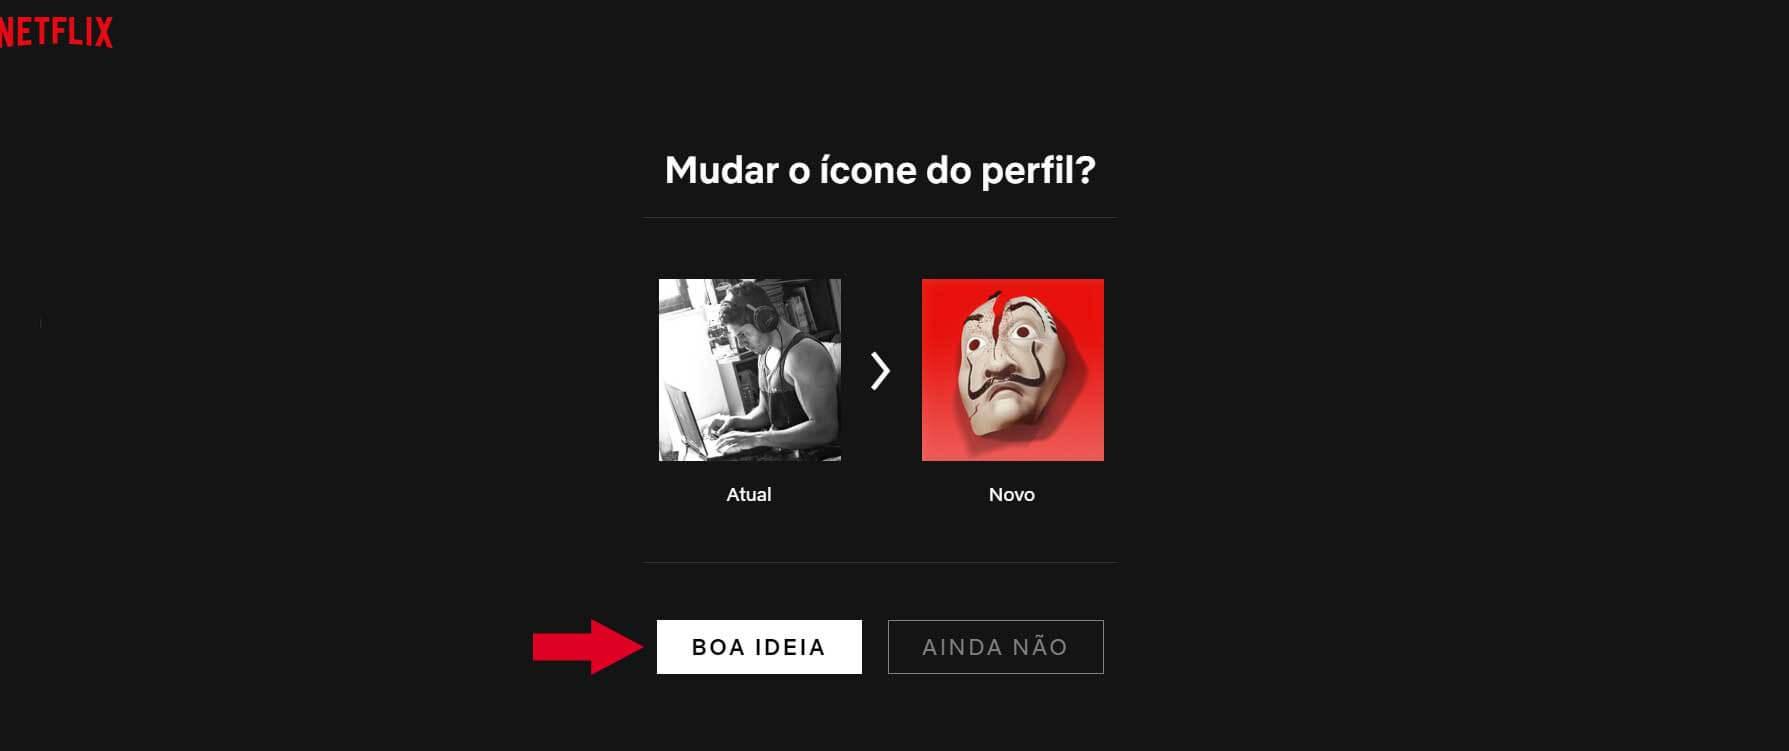 Netflix finalmente libera novas imagens para perfis. A netflix incluiu novas opções de ícones para utilizar nos perfis; dentre as opções estão disponíveis rostos dos personagens de séries e filmes famosos na plataforma.